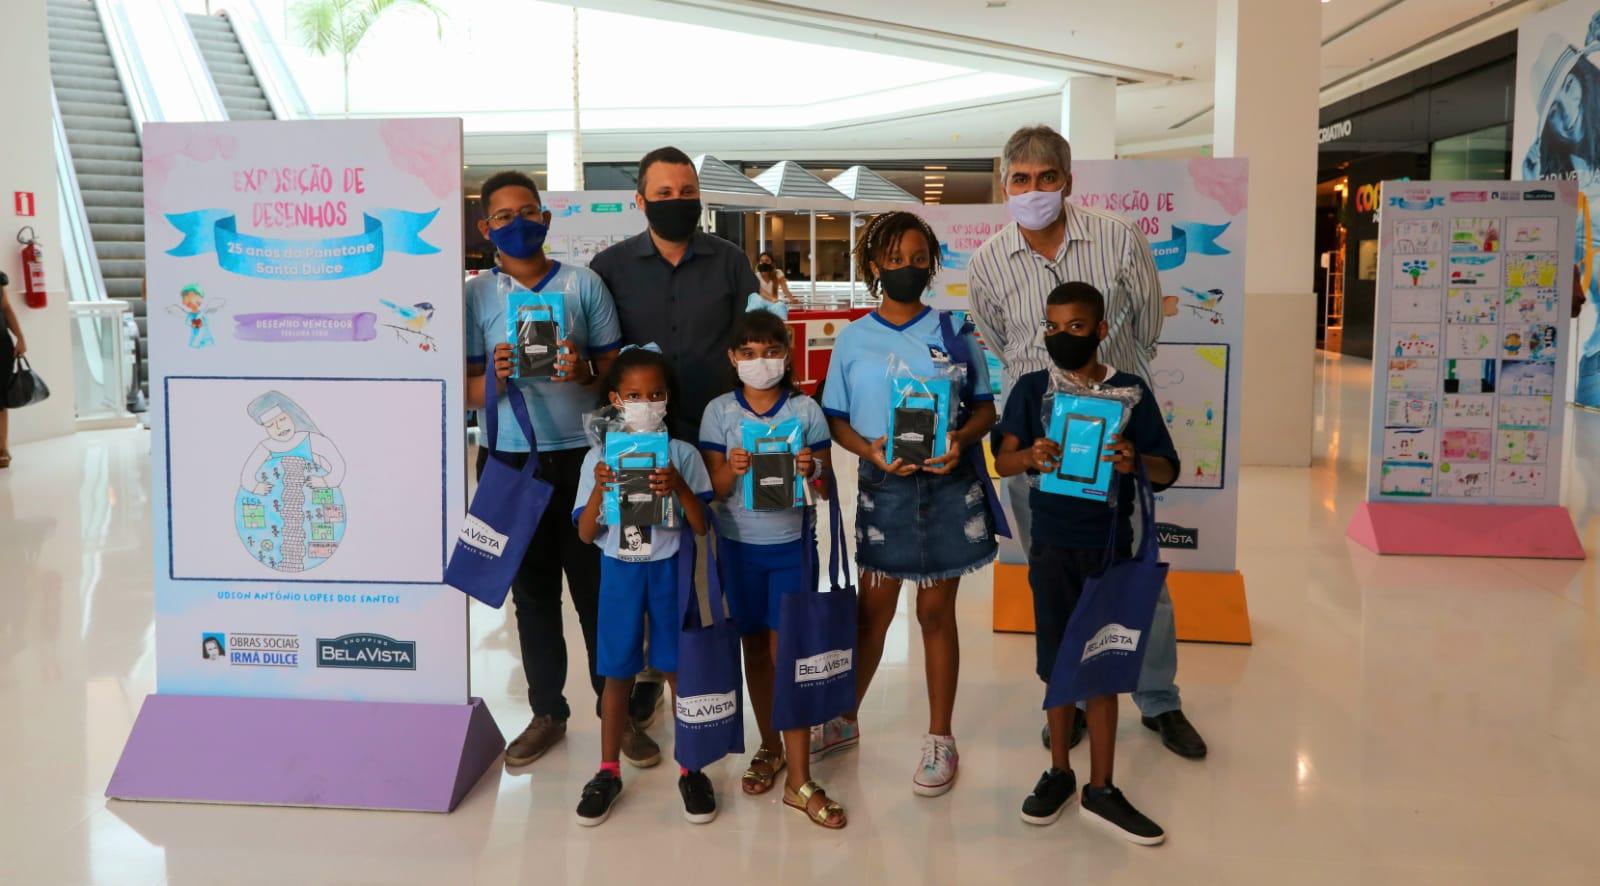 Shopping Bella Vista presenteia crianças finalistas da exposição 25 anos do Panetone Santa Dulce com tablets nesse Dia das Crianças